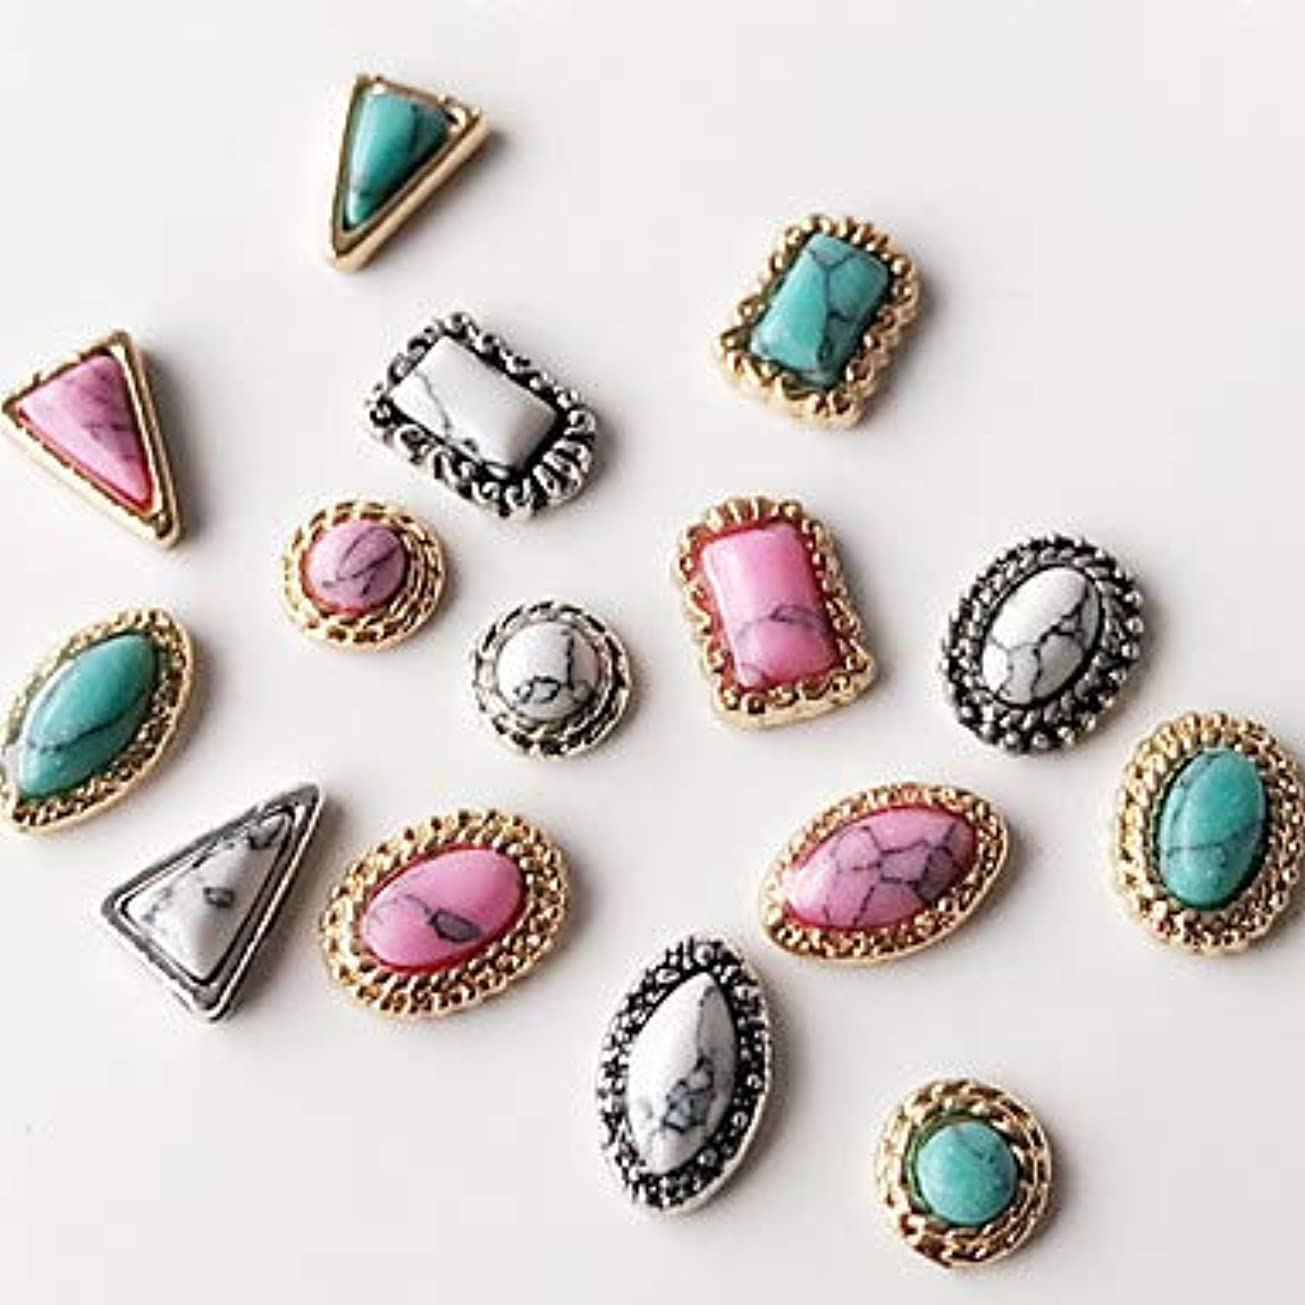 眠り重量扱いやすい10個混合スタイル混合色古代の宝石ネイルアートの装飾に戻ります